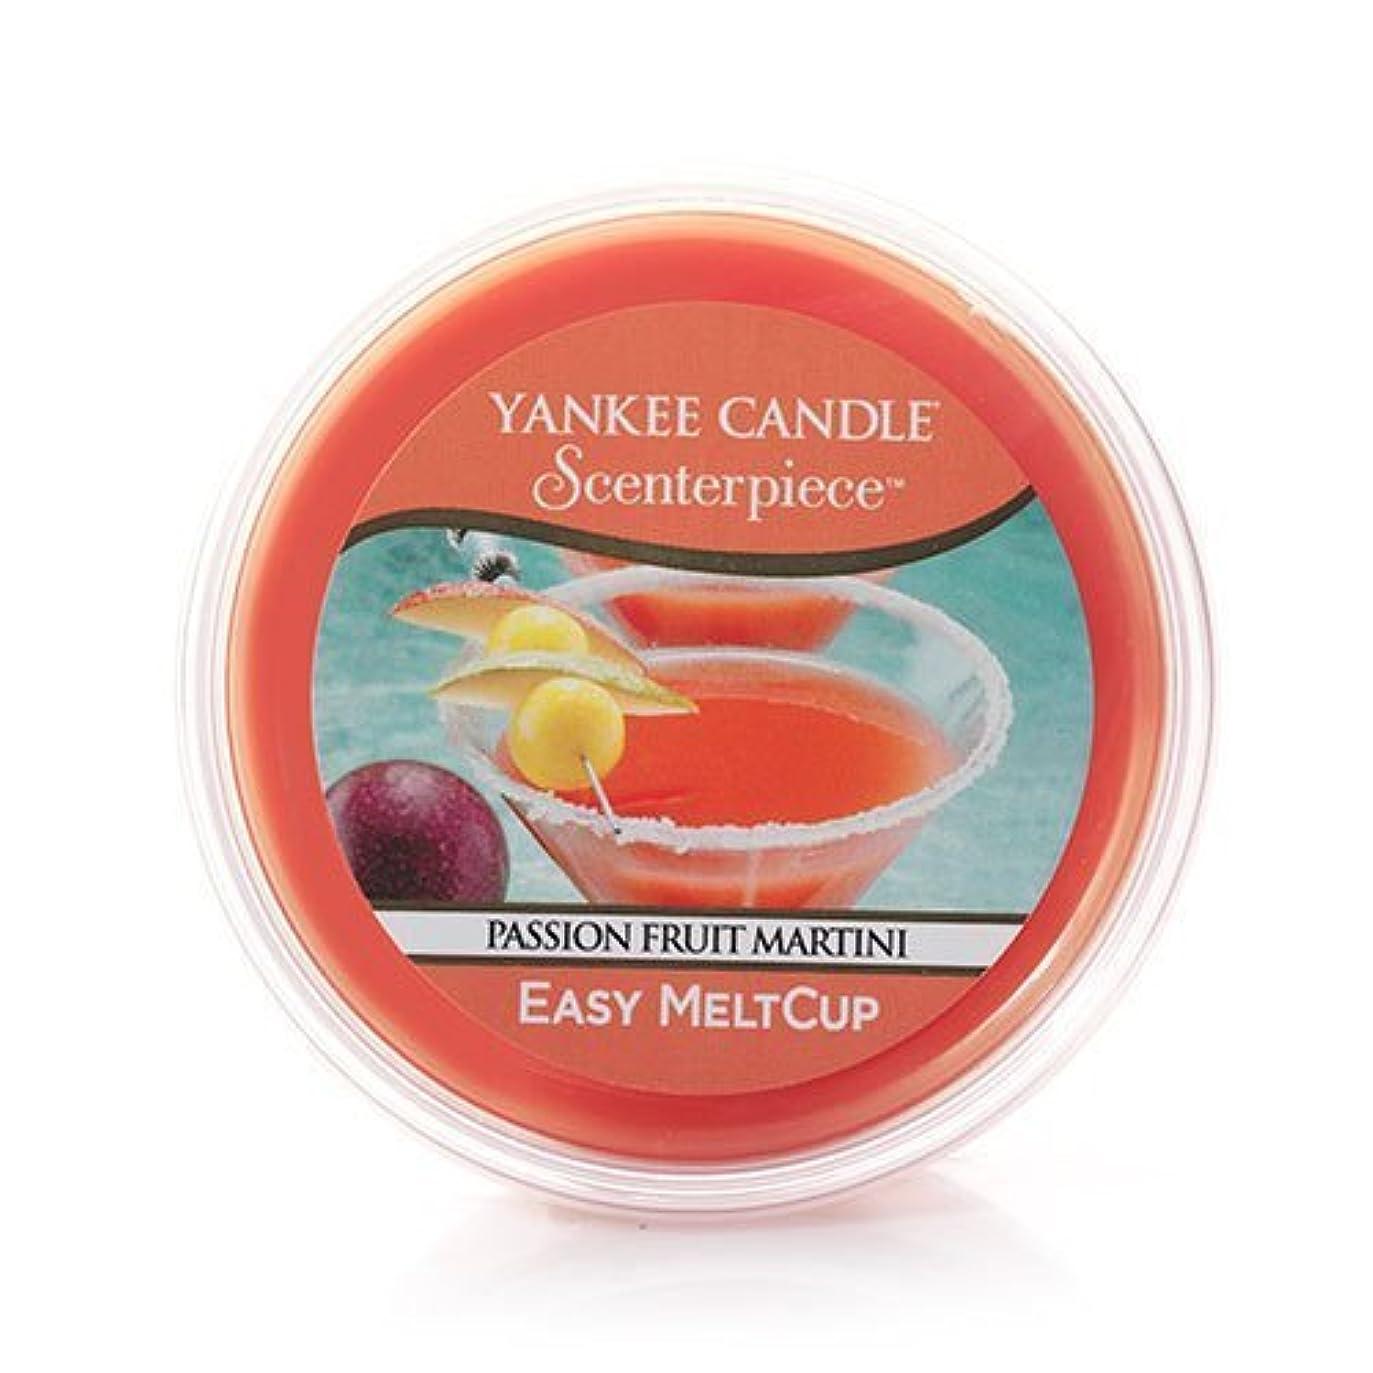 渇きマーチャンダイザー農奴Yankee CandleパッションフルーツMartini Scenterpiece Easy MeltCup 2.2 Oz